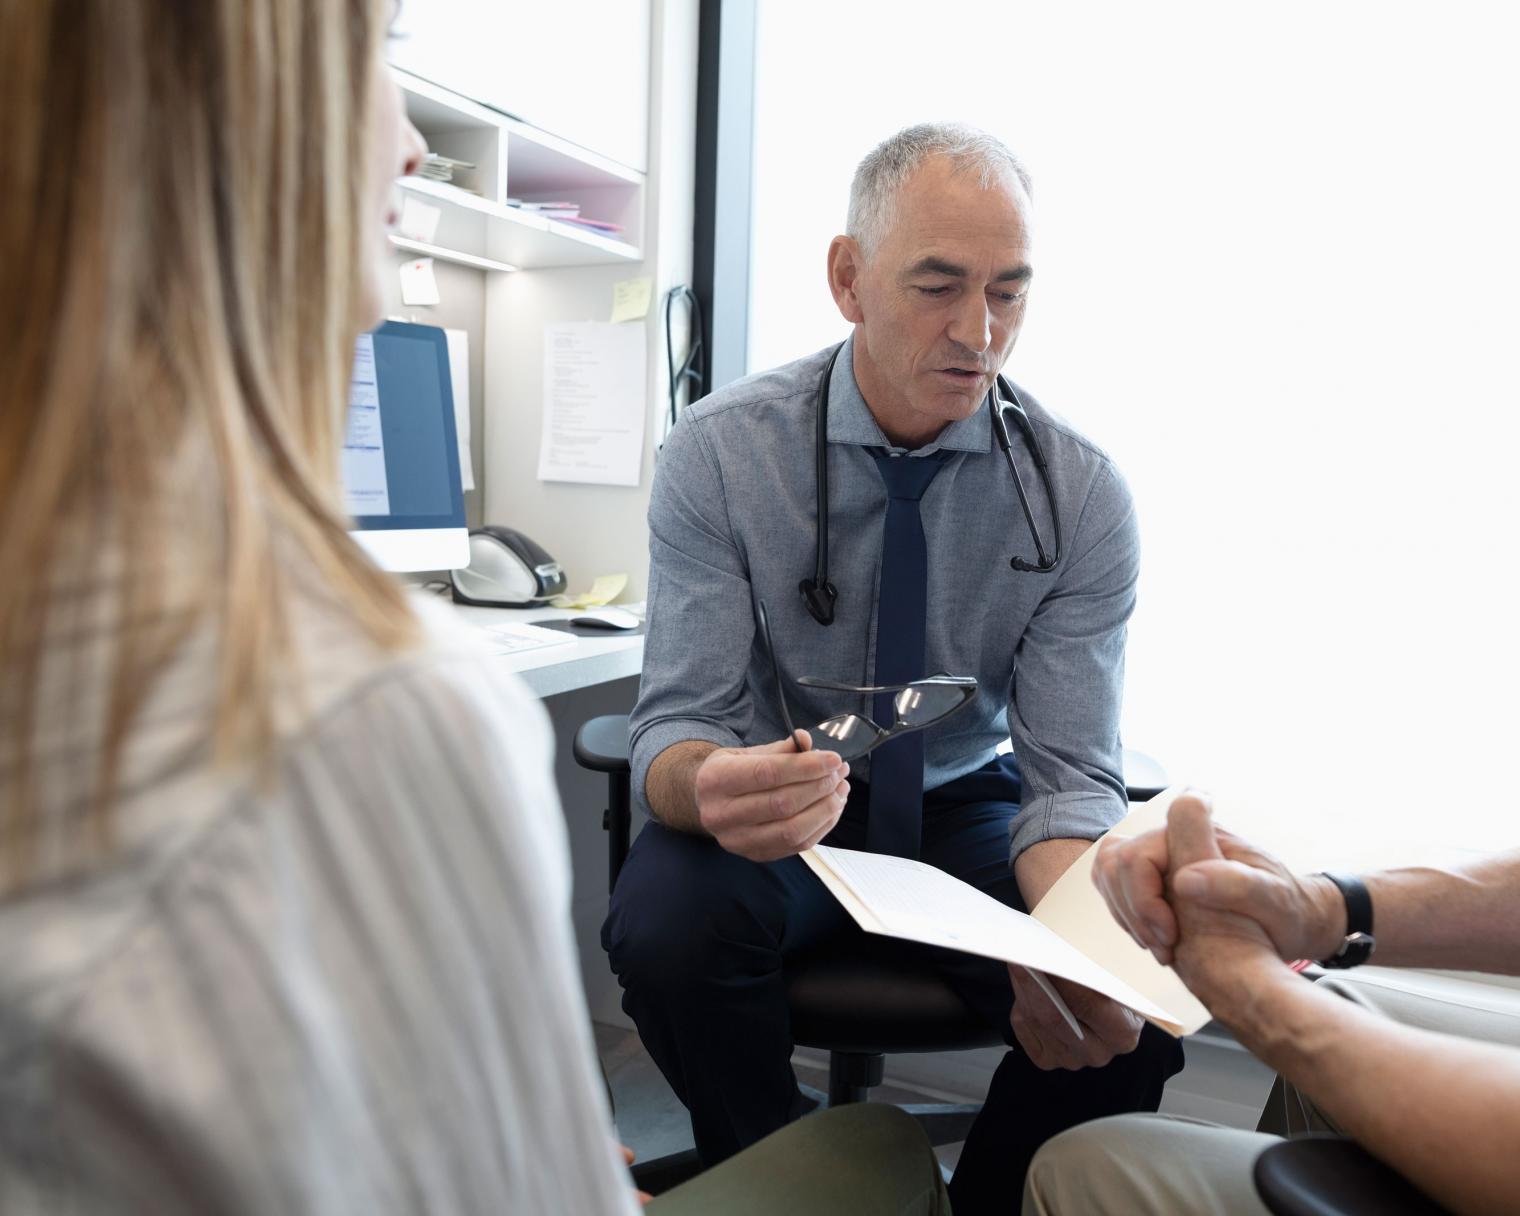 Arzt bespricht mit Patient und Begleitung die Diagnose